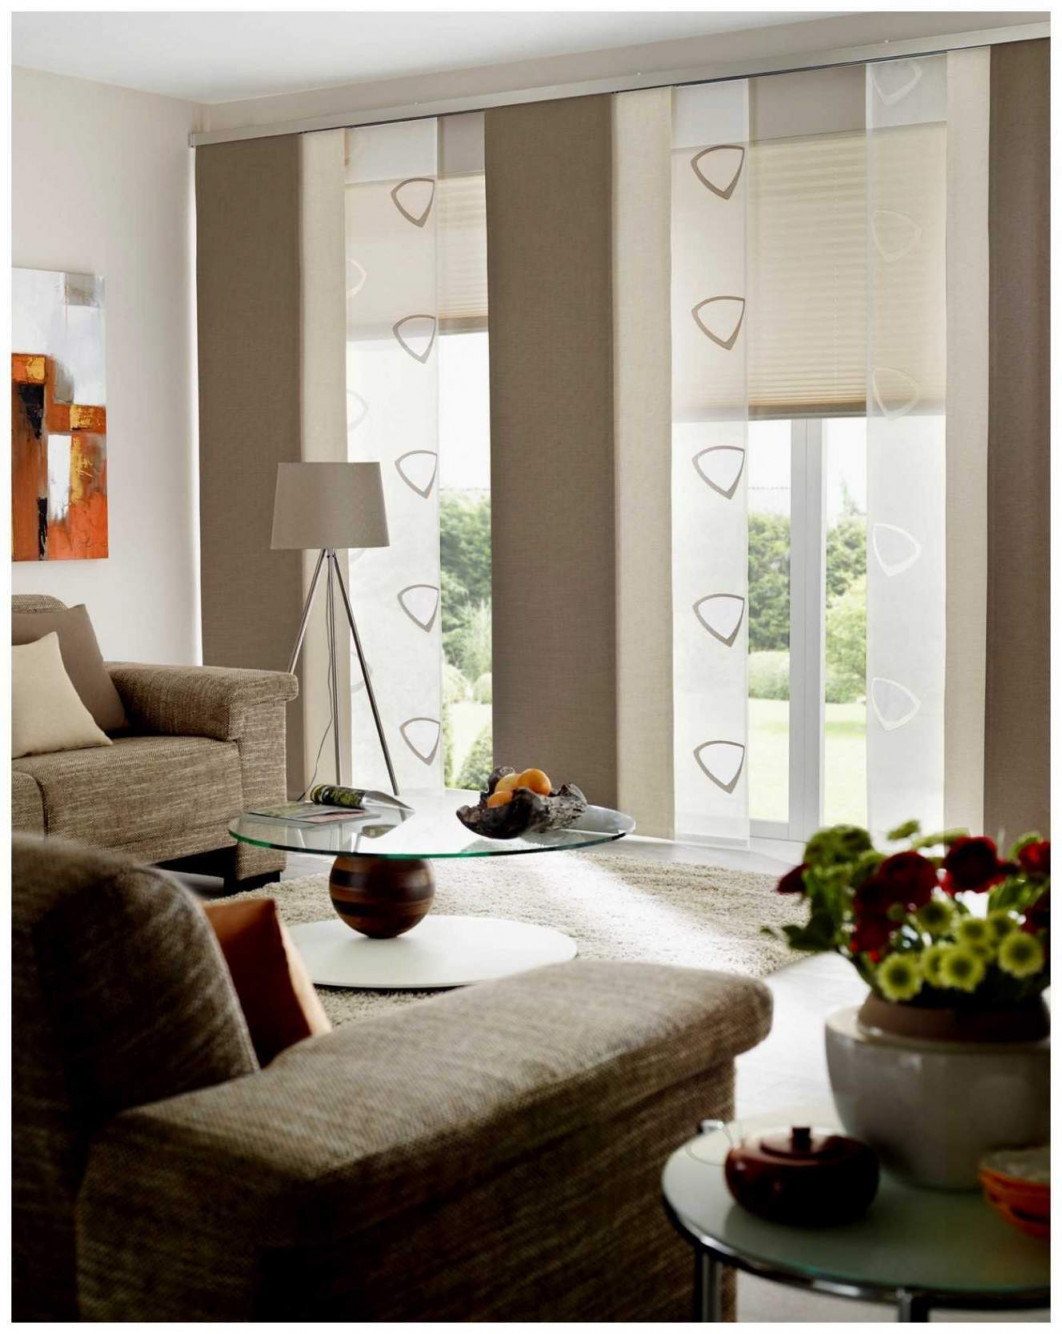 Gardinen Modelle Für Wohnzimmer Neu Schön Gardinen Für von Gardinen Wohnzimmer Mit Balkontür Photo